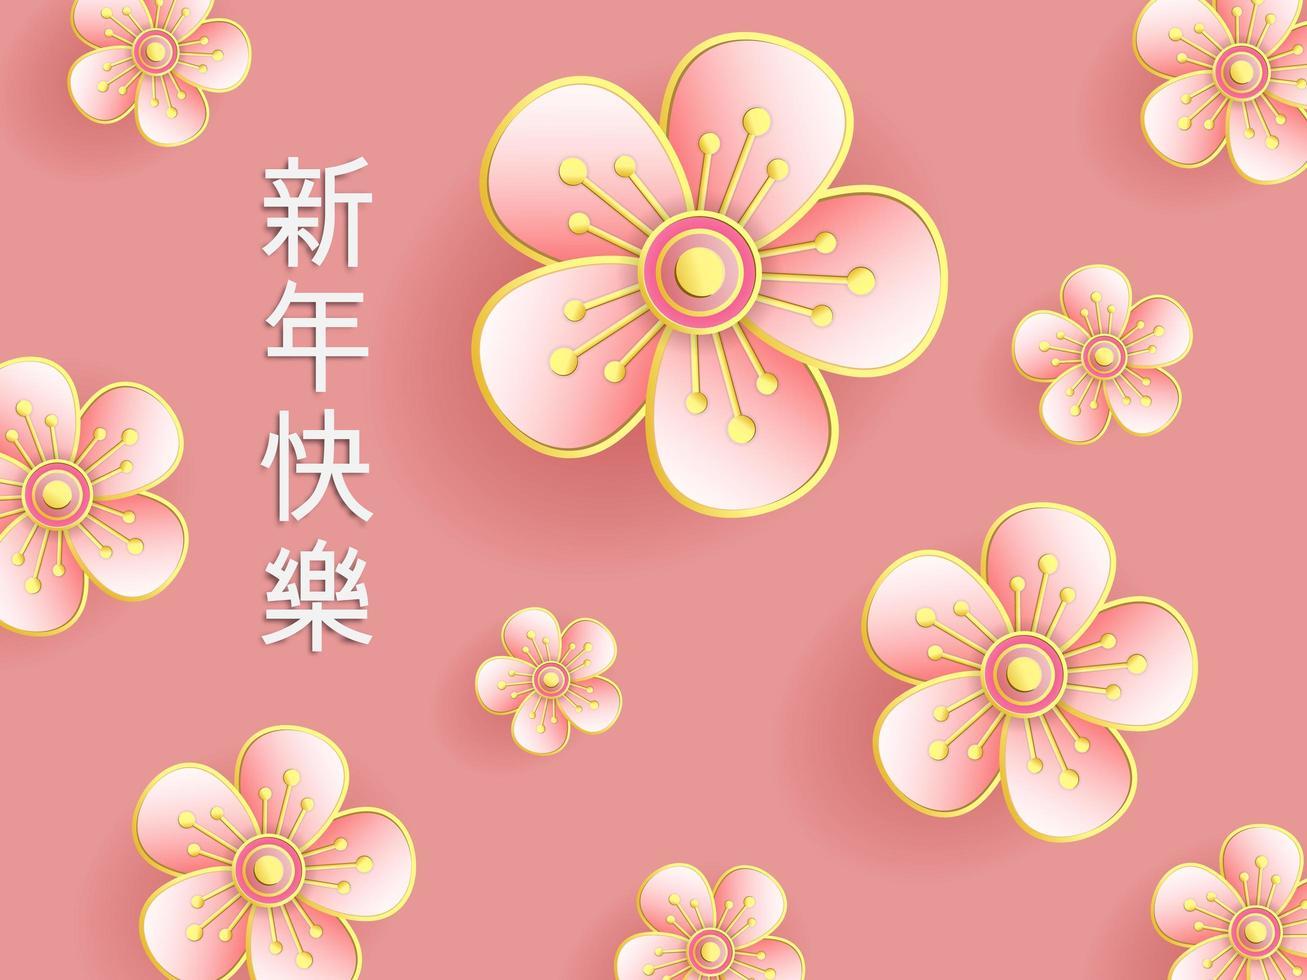 illustrazione di fiori rosa con calligrafia cinese in sfondo rosa vettore